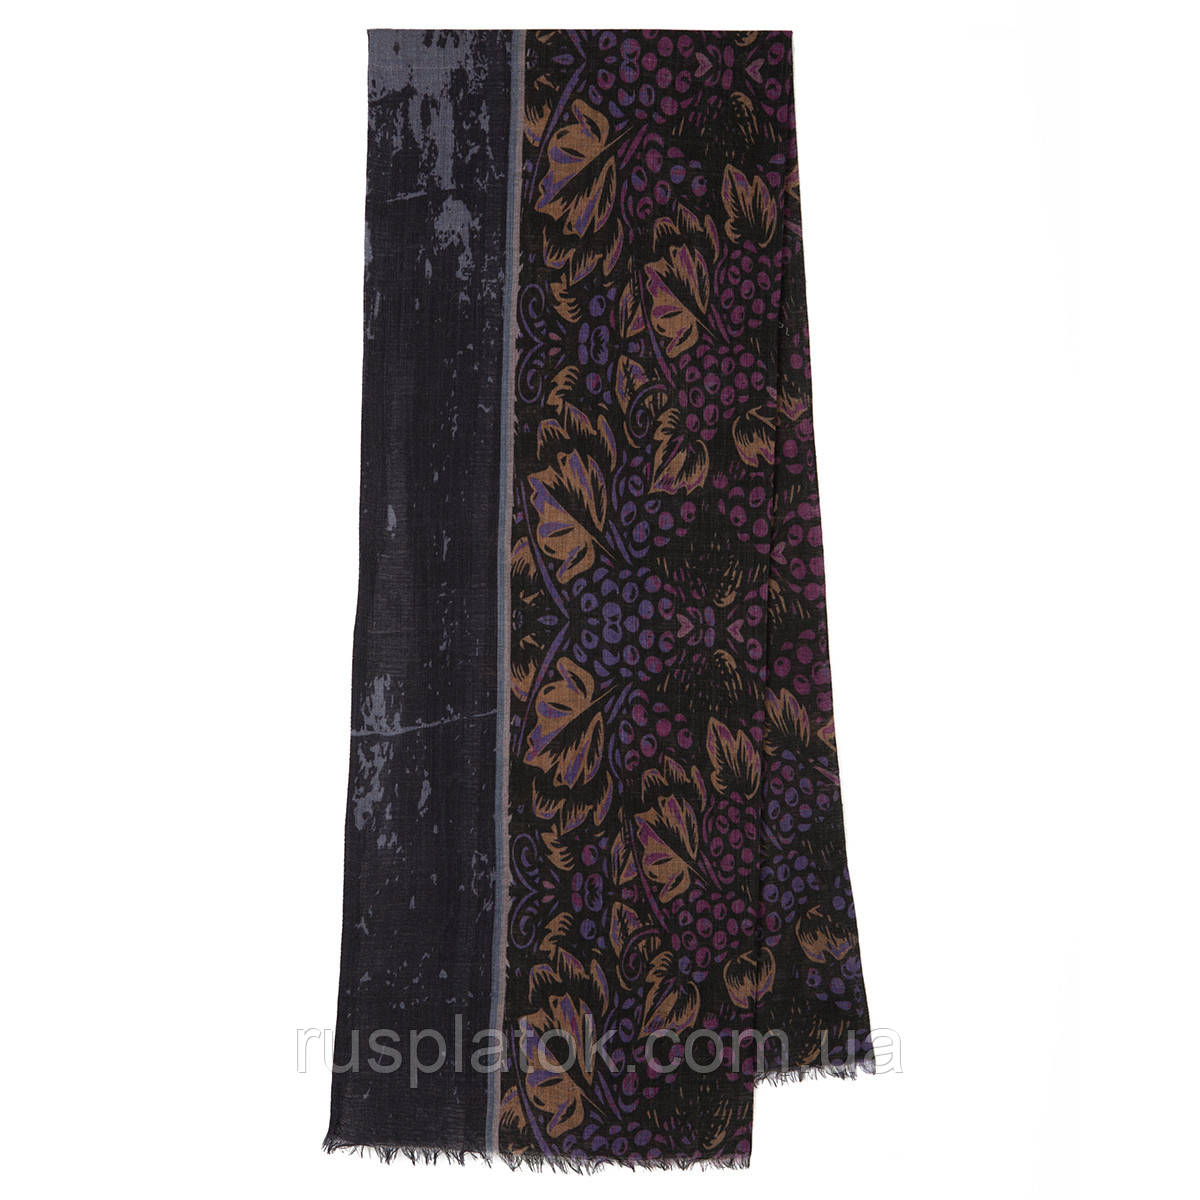 10373-15, павлопосадский шарф (кашне) шерстяной (разреженная шерсть) с осыпкой